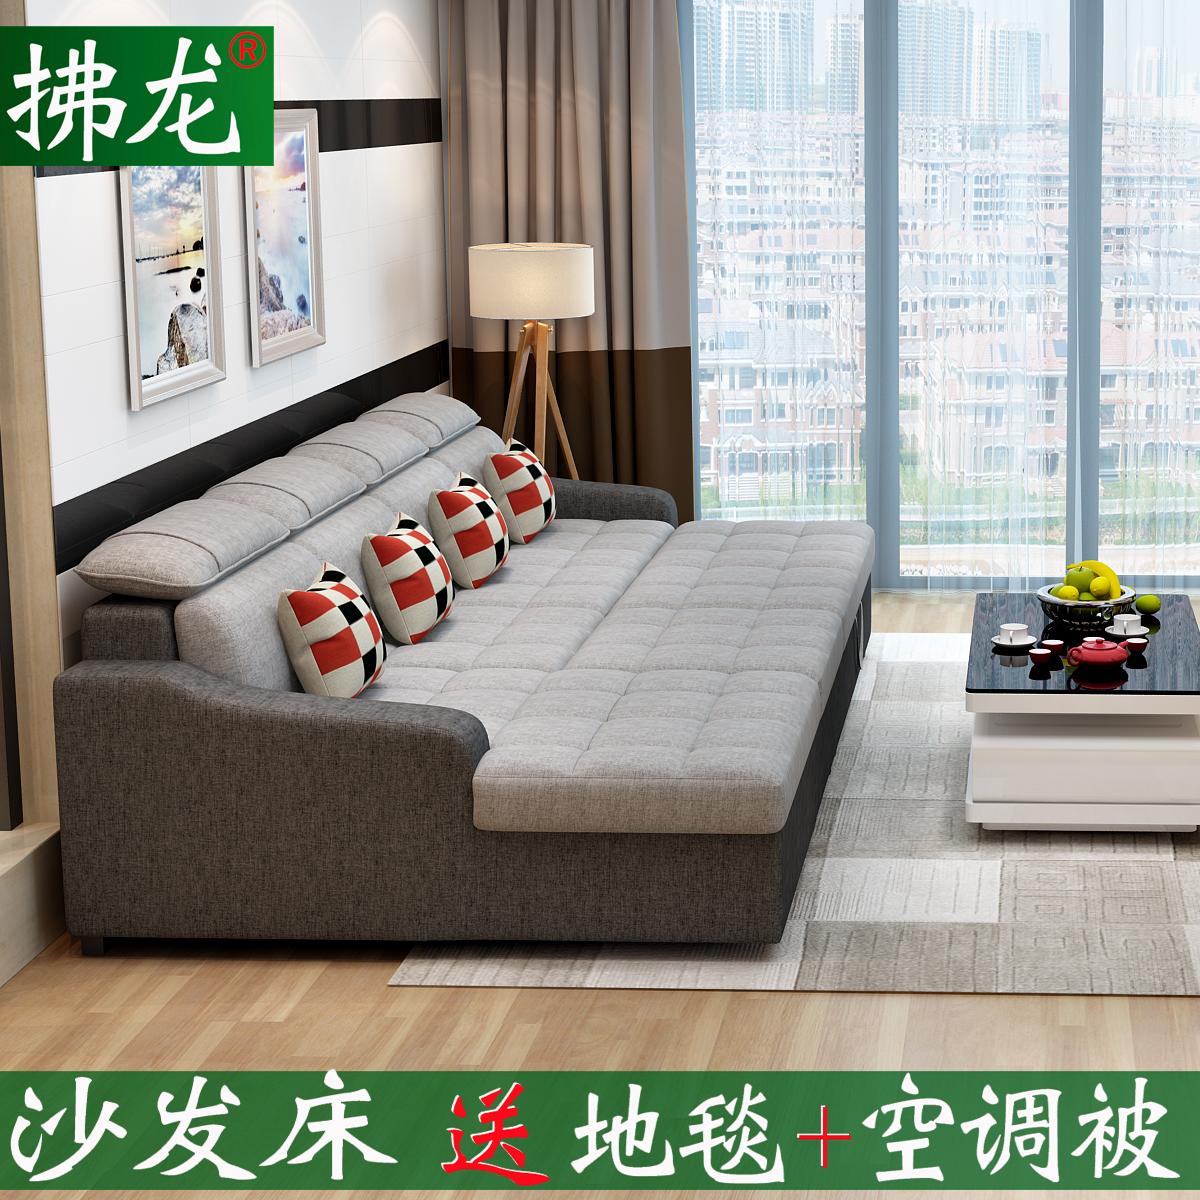 ソファベッドの多機能は折りたたみ式のリビングルームのツインルームが小さいタイプの現代的な貯留の角の角のソファー